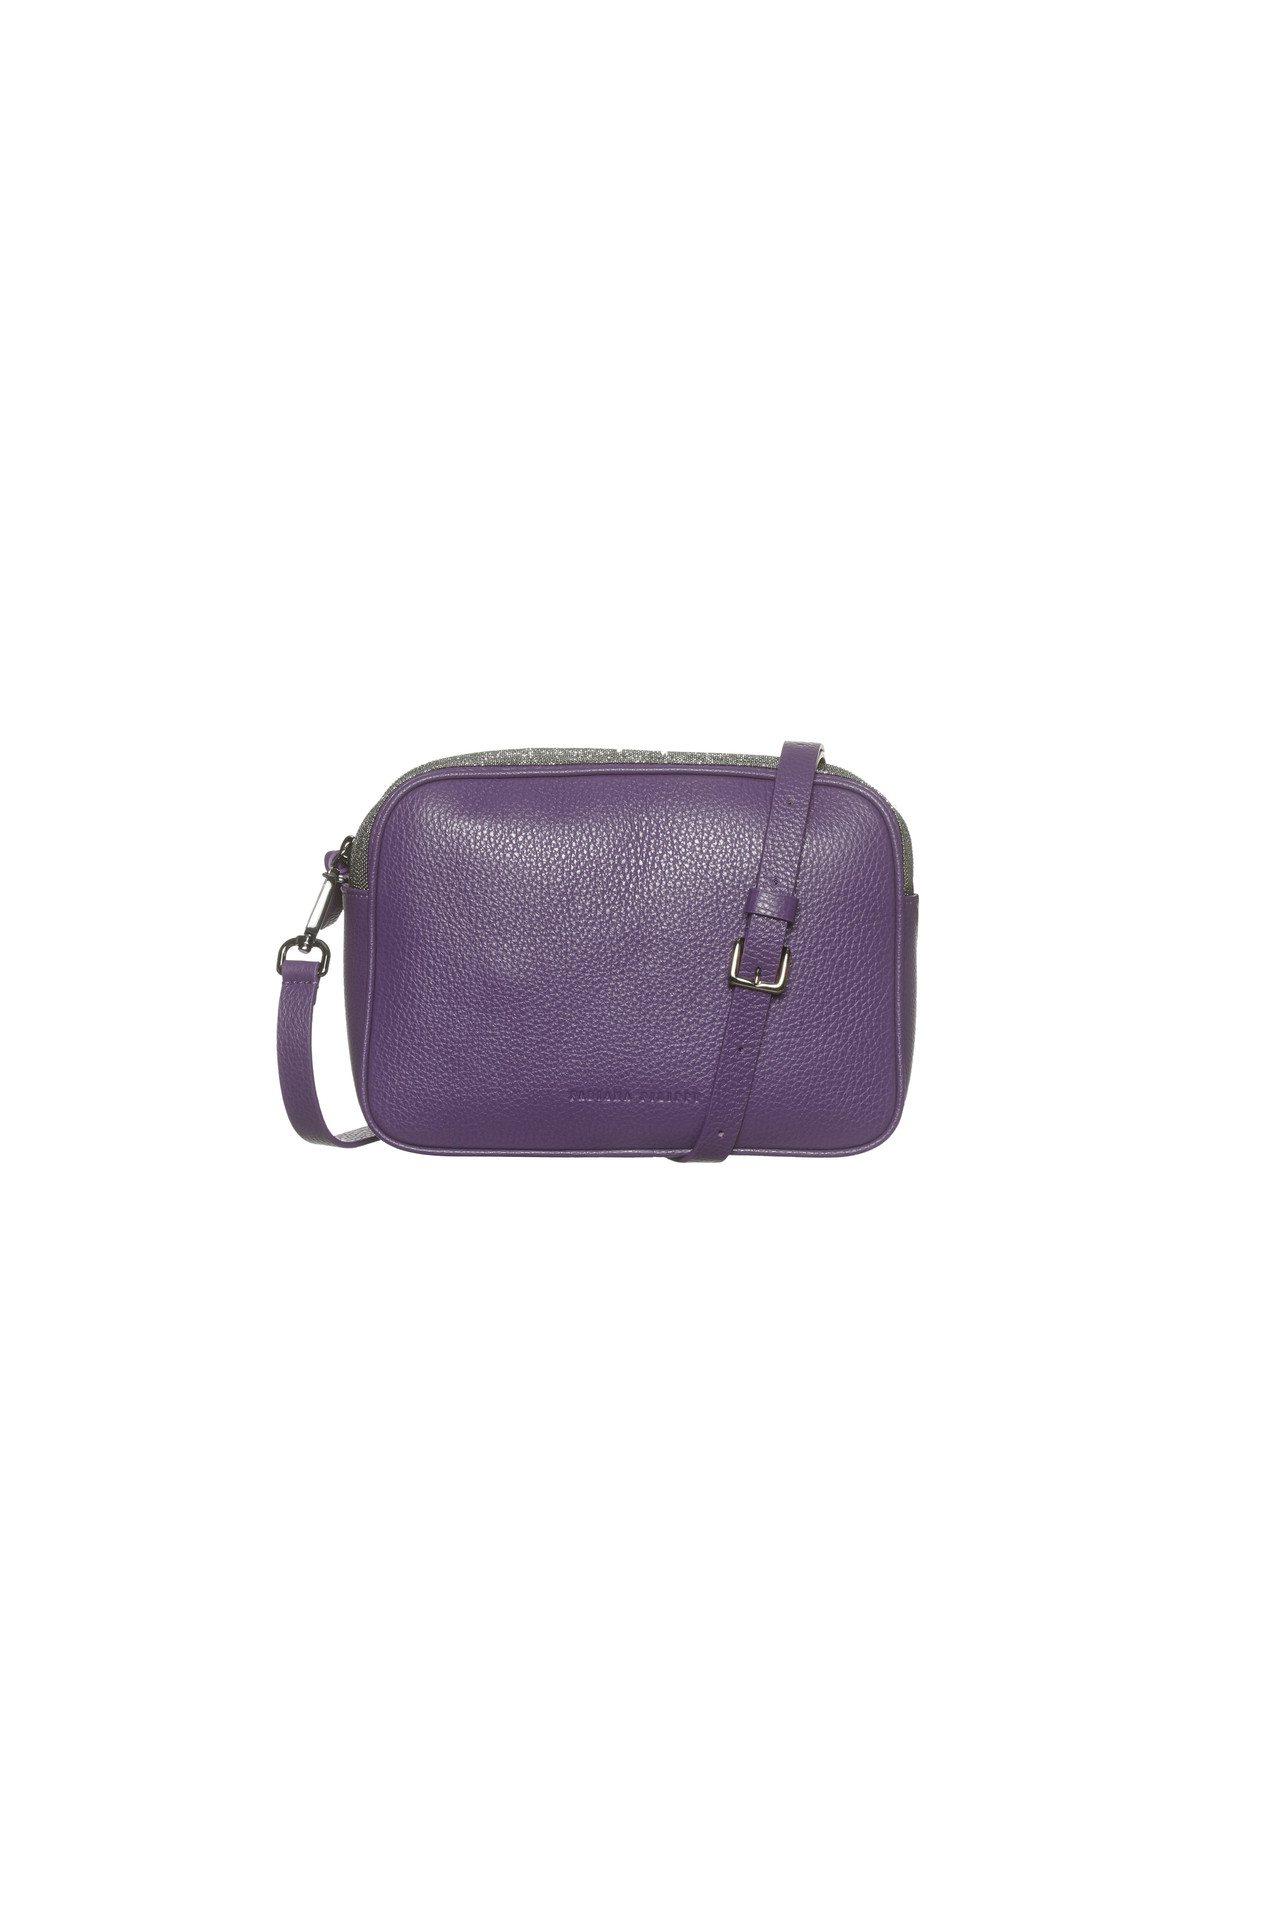 紫色皮革側方包,受價32,300元。圖/FABIANA FILIPPI提供